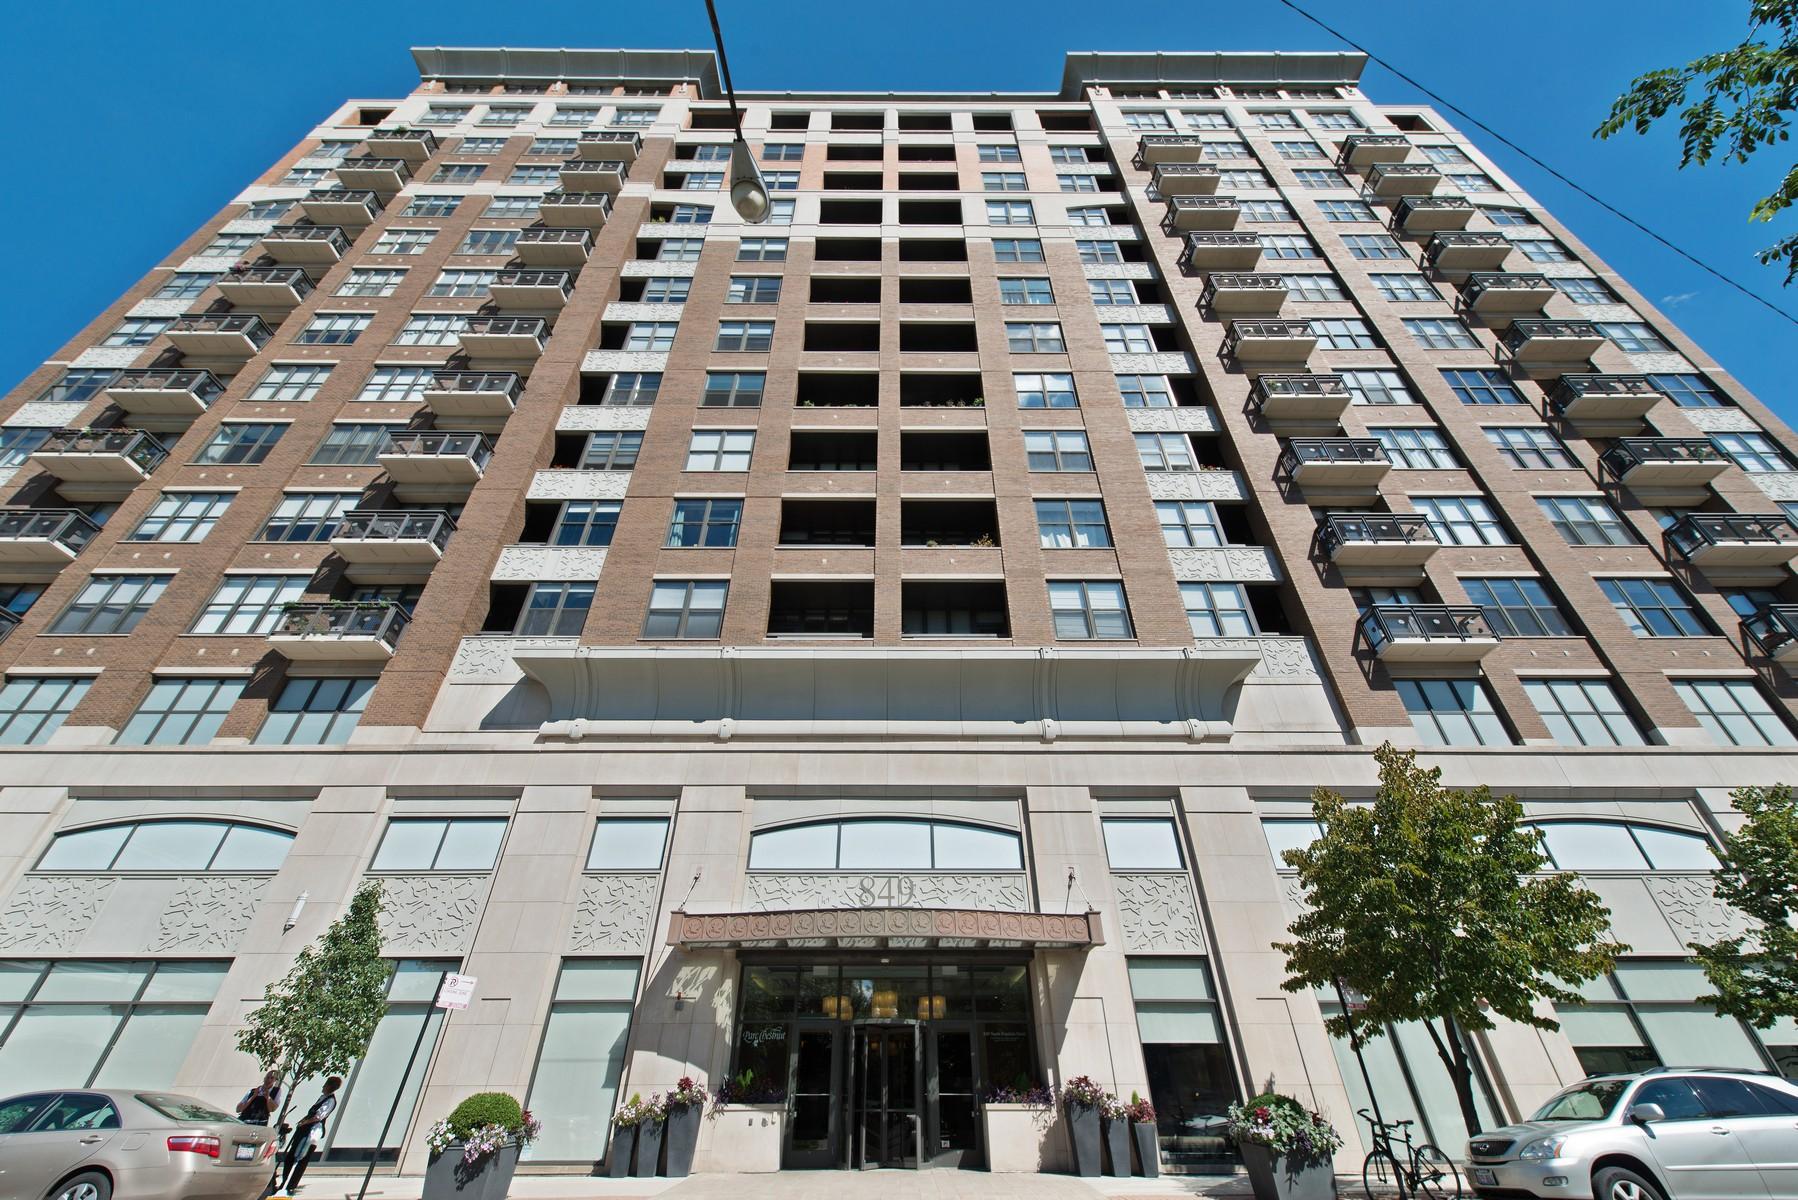 コンドミニアム のために 売買 アット Condo at the Parc Chestnut 849 N Franklin Street Unit 1120 Near North Side, Chicago, イリノイ, 60610 アメリカ合衆国